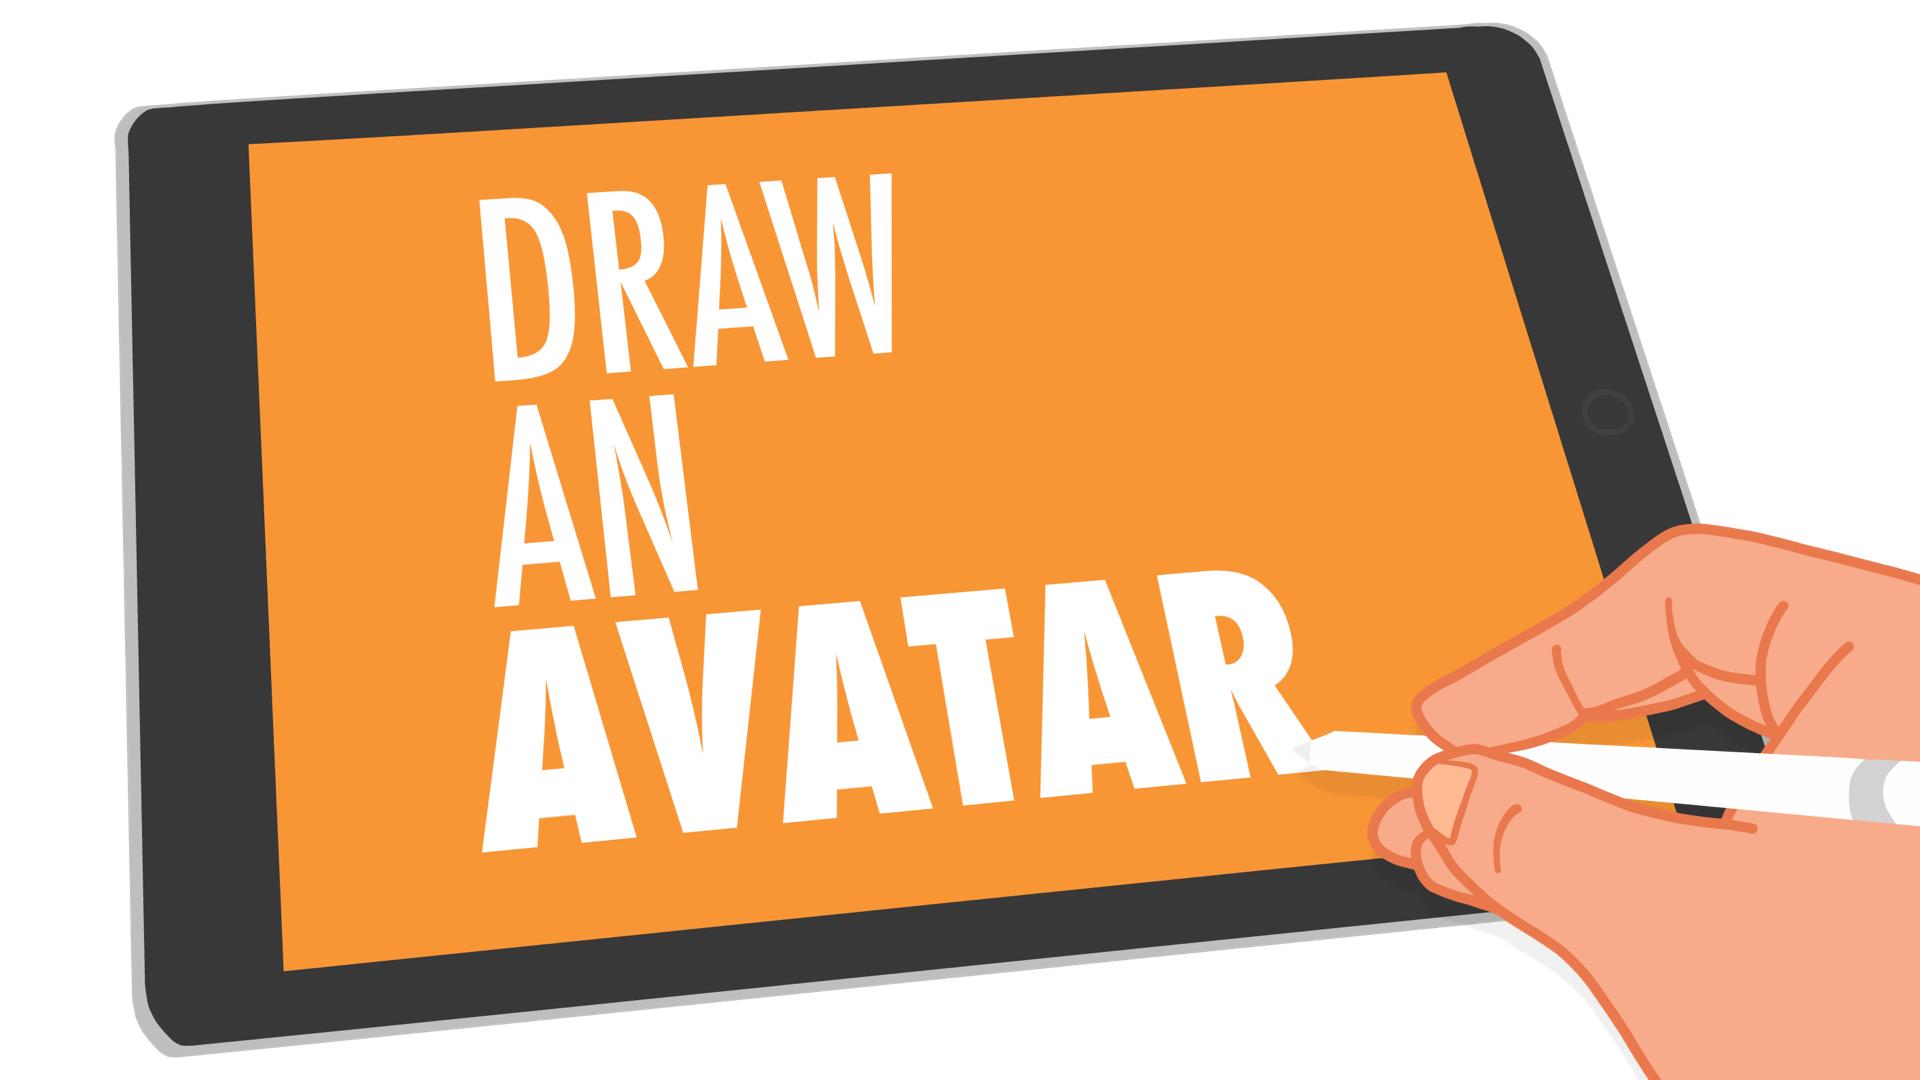 Draw an Avatar